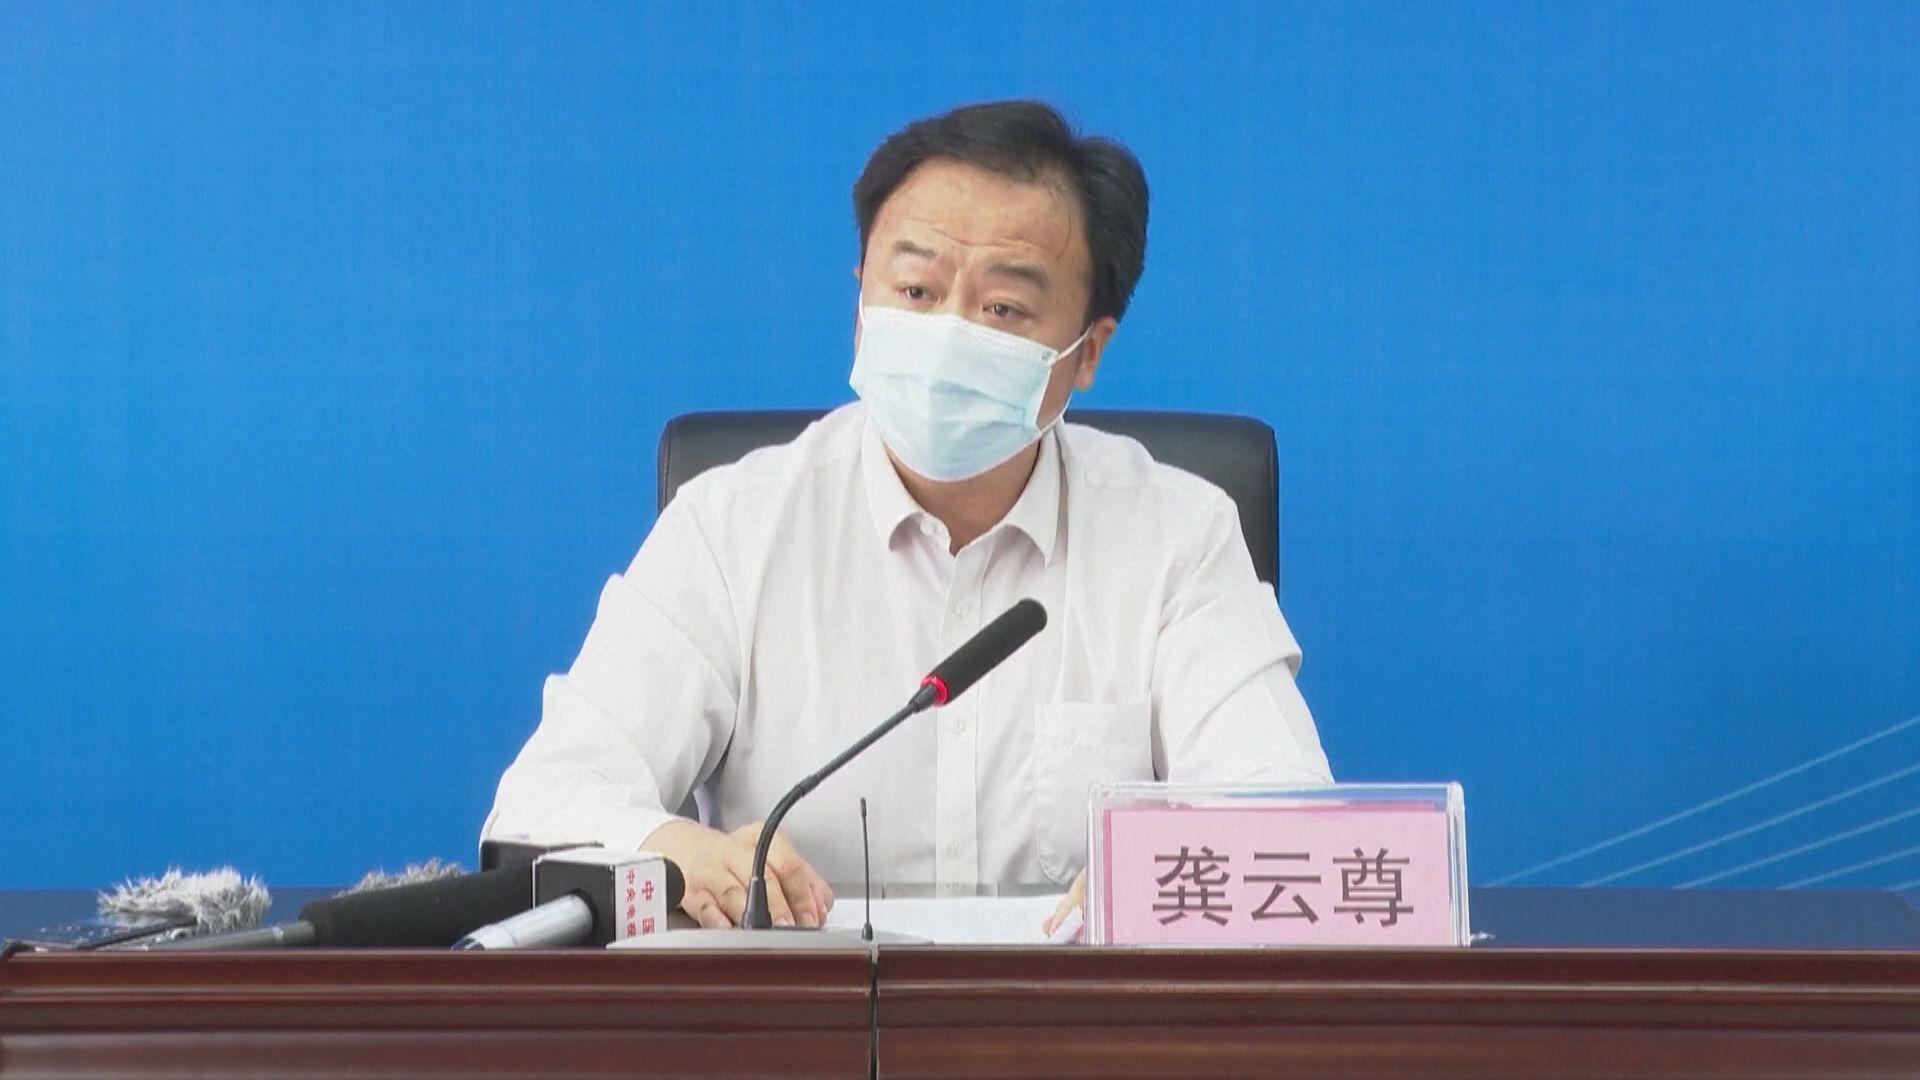 雲南增11宗確診 瑞麗市委書記因防疫嚴重失職被查